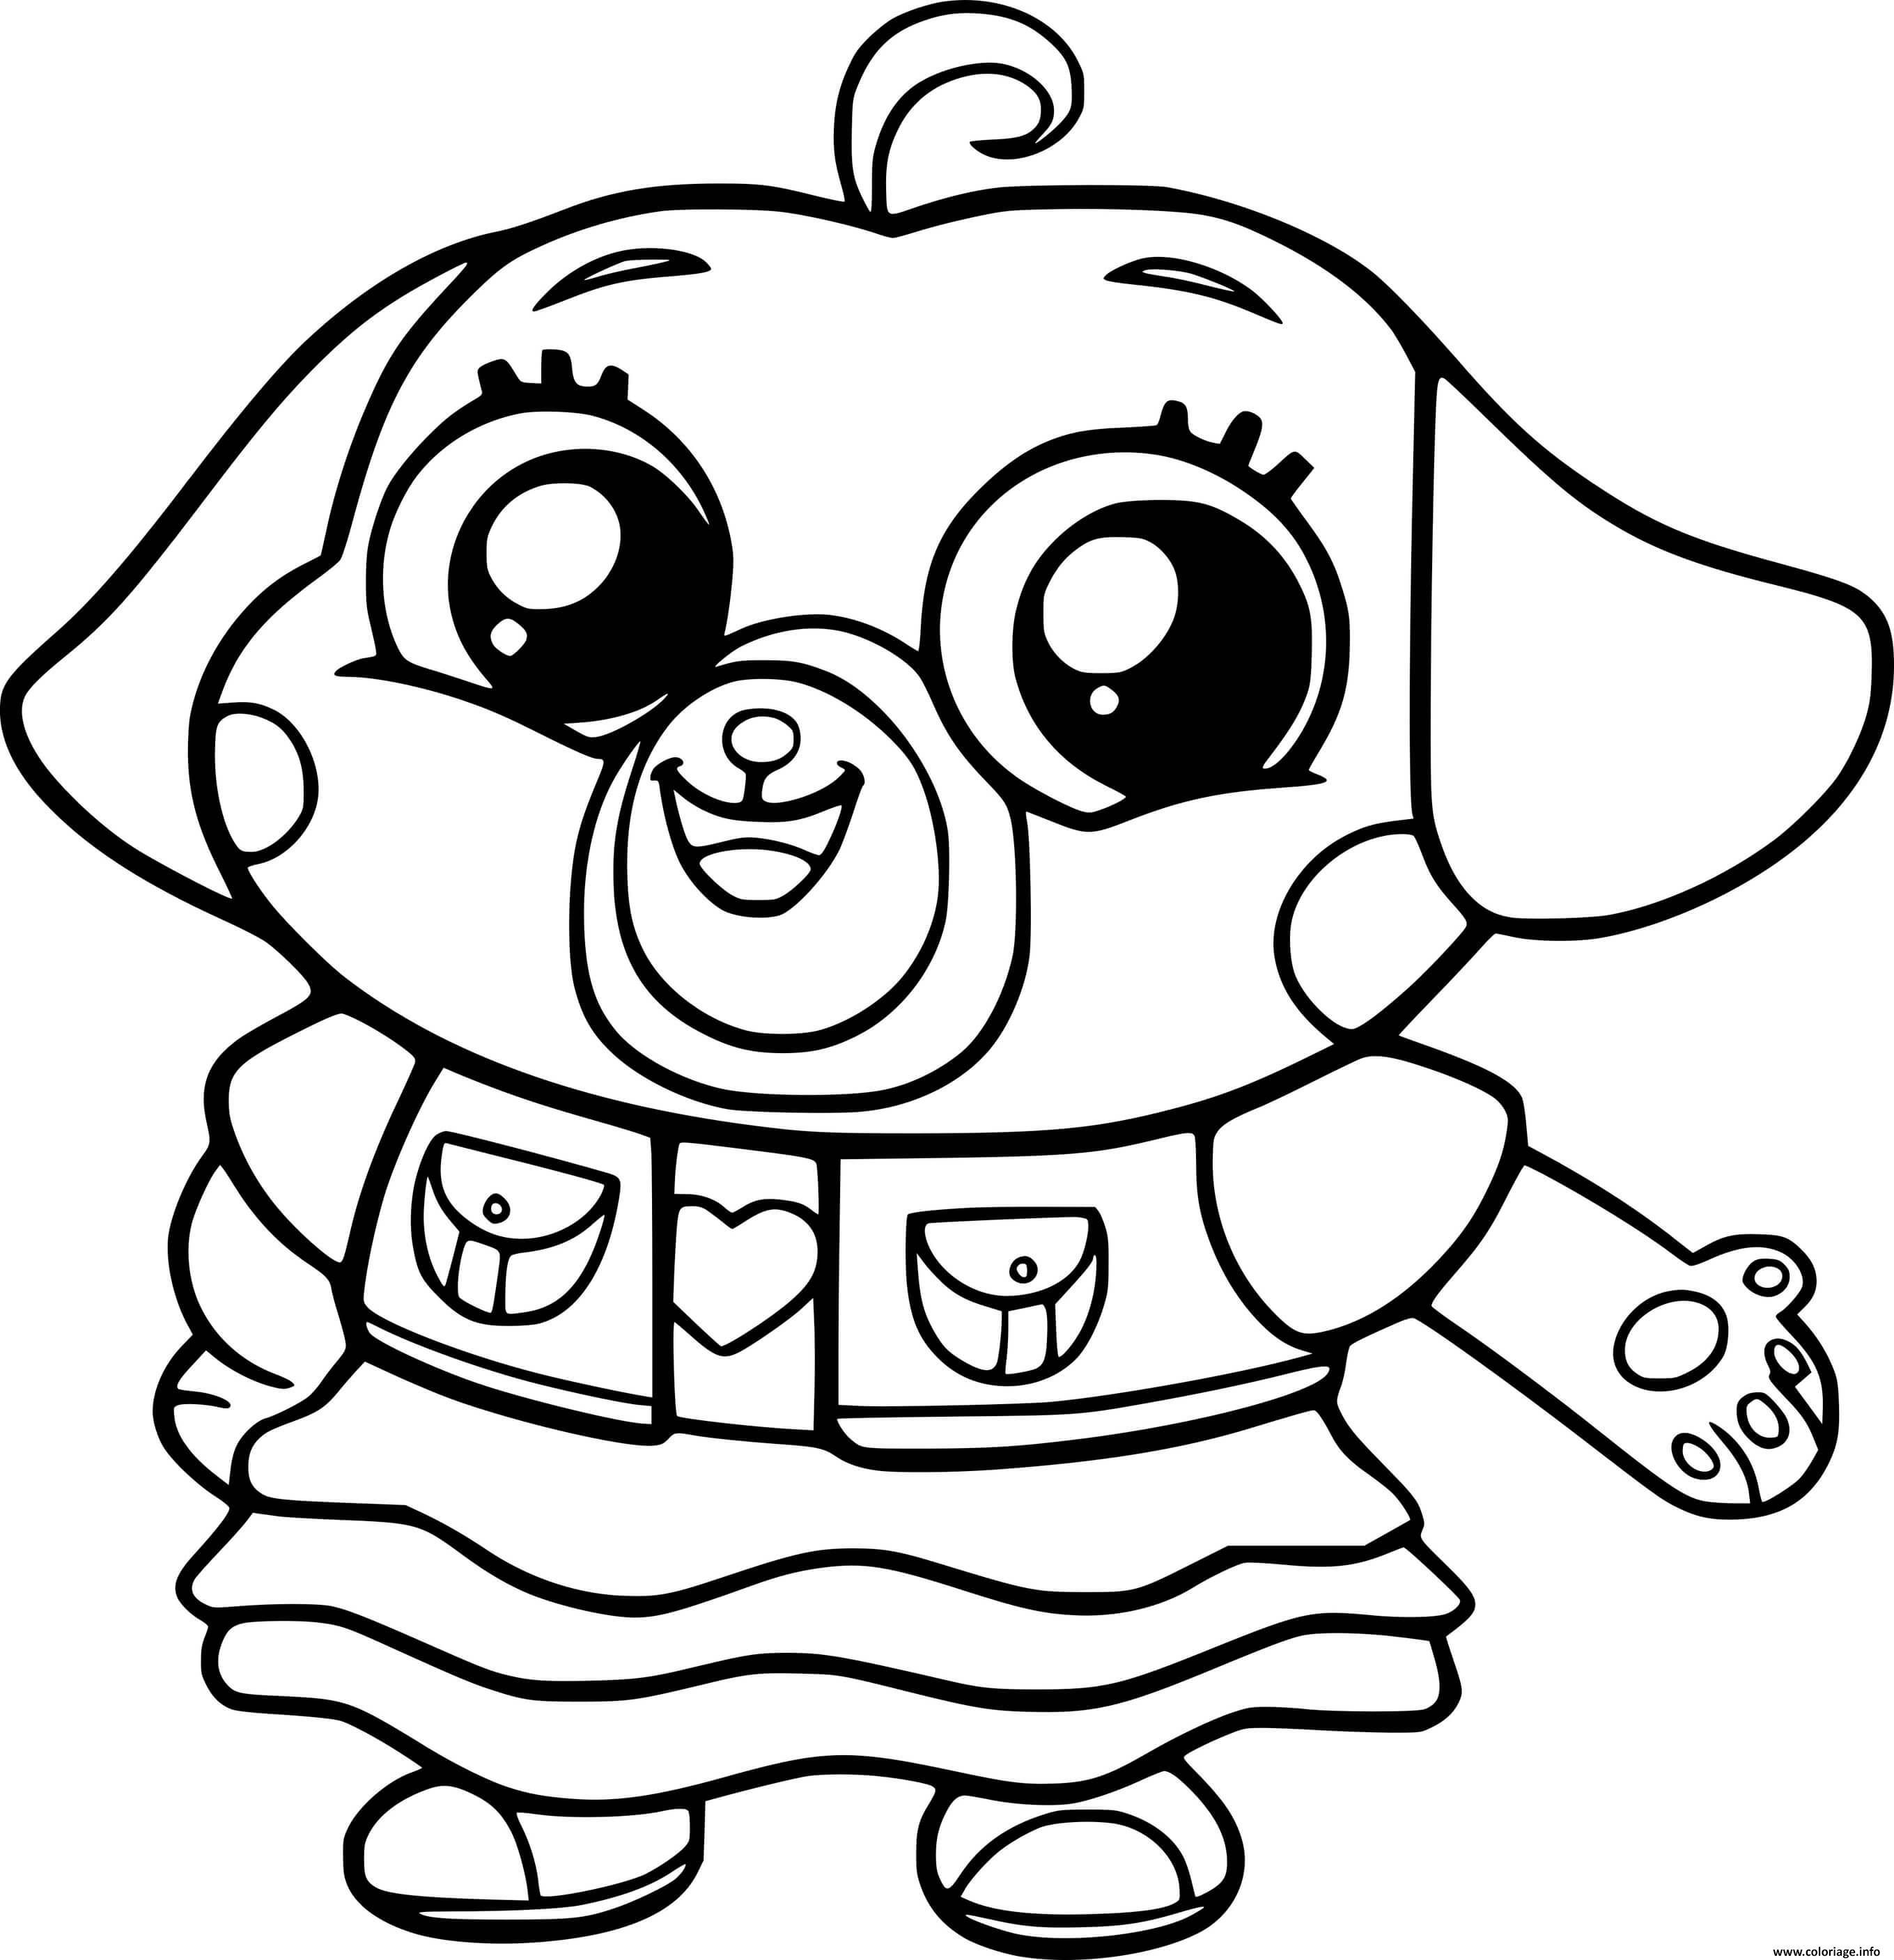 Dessin Cute Chip Pug Coloriage Gratuit à Imprimer